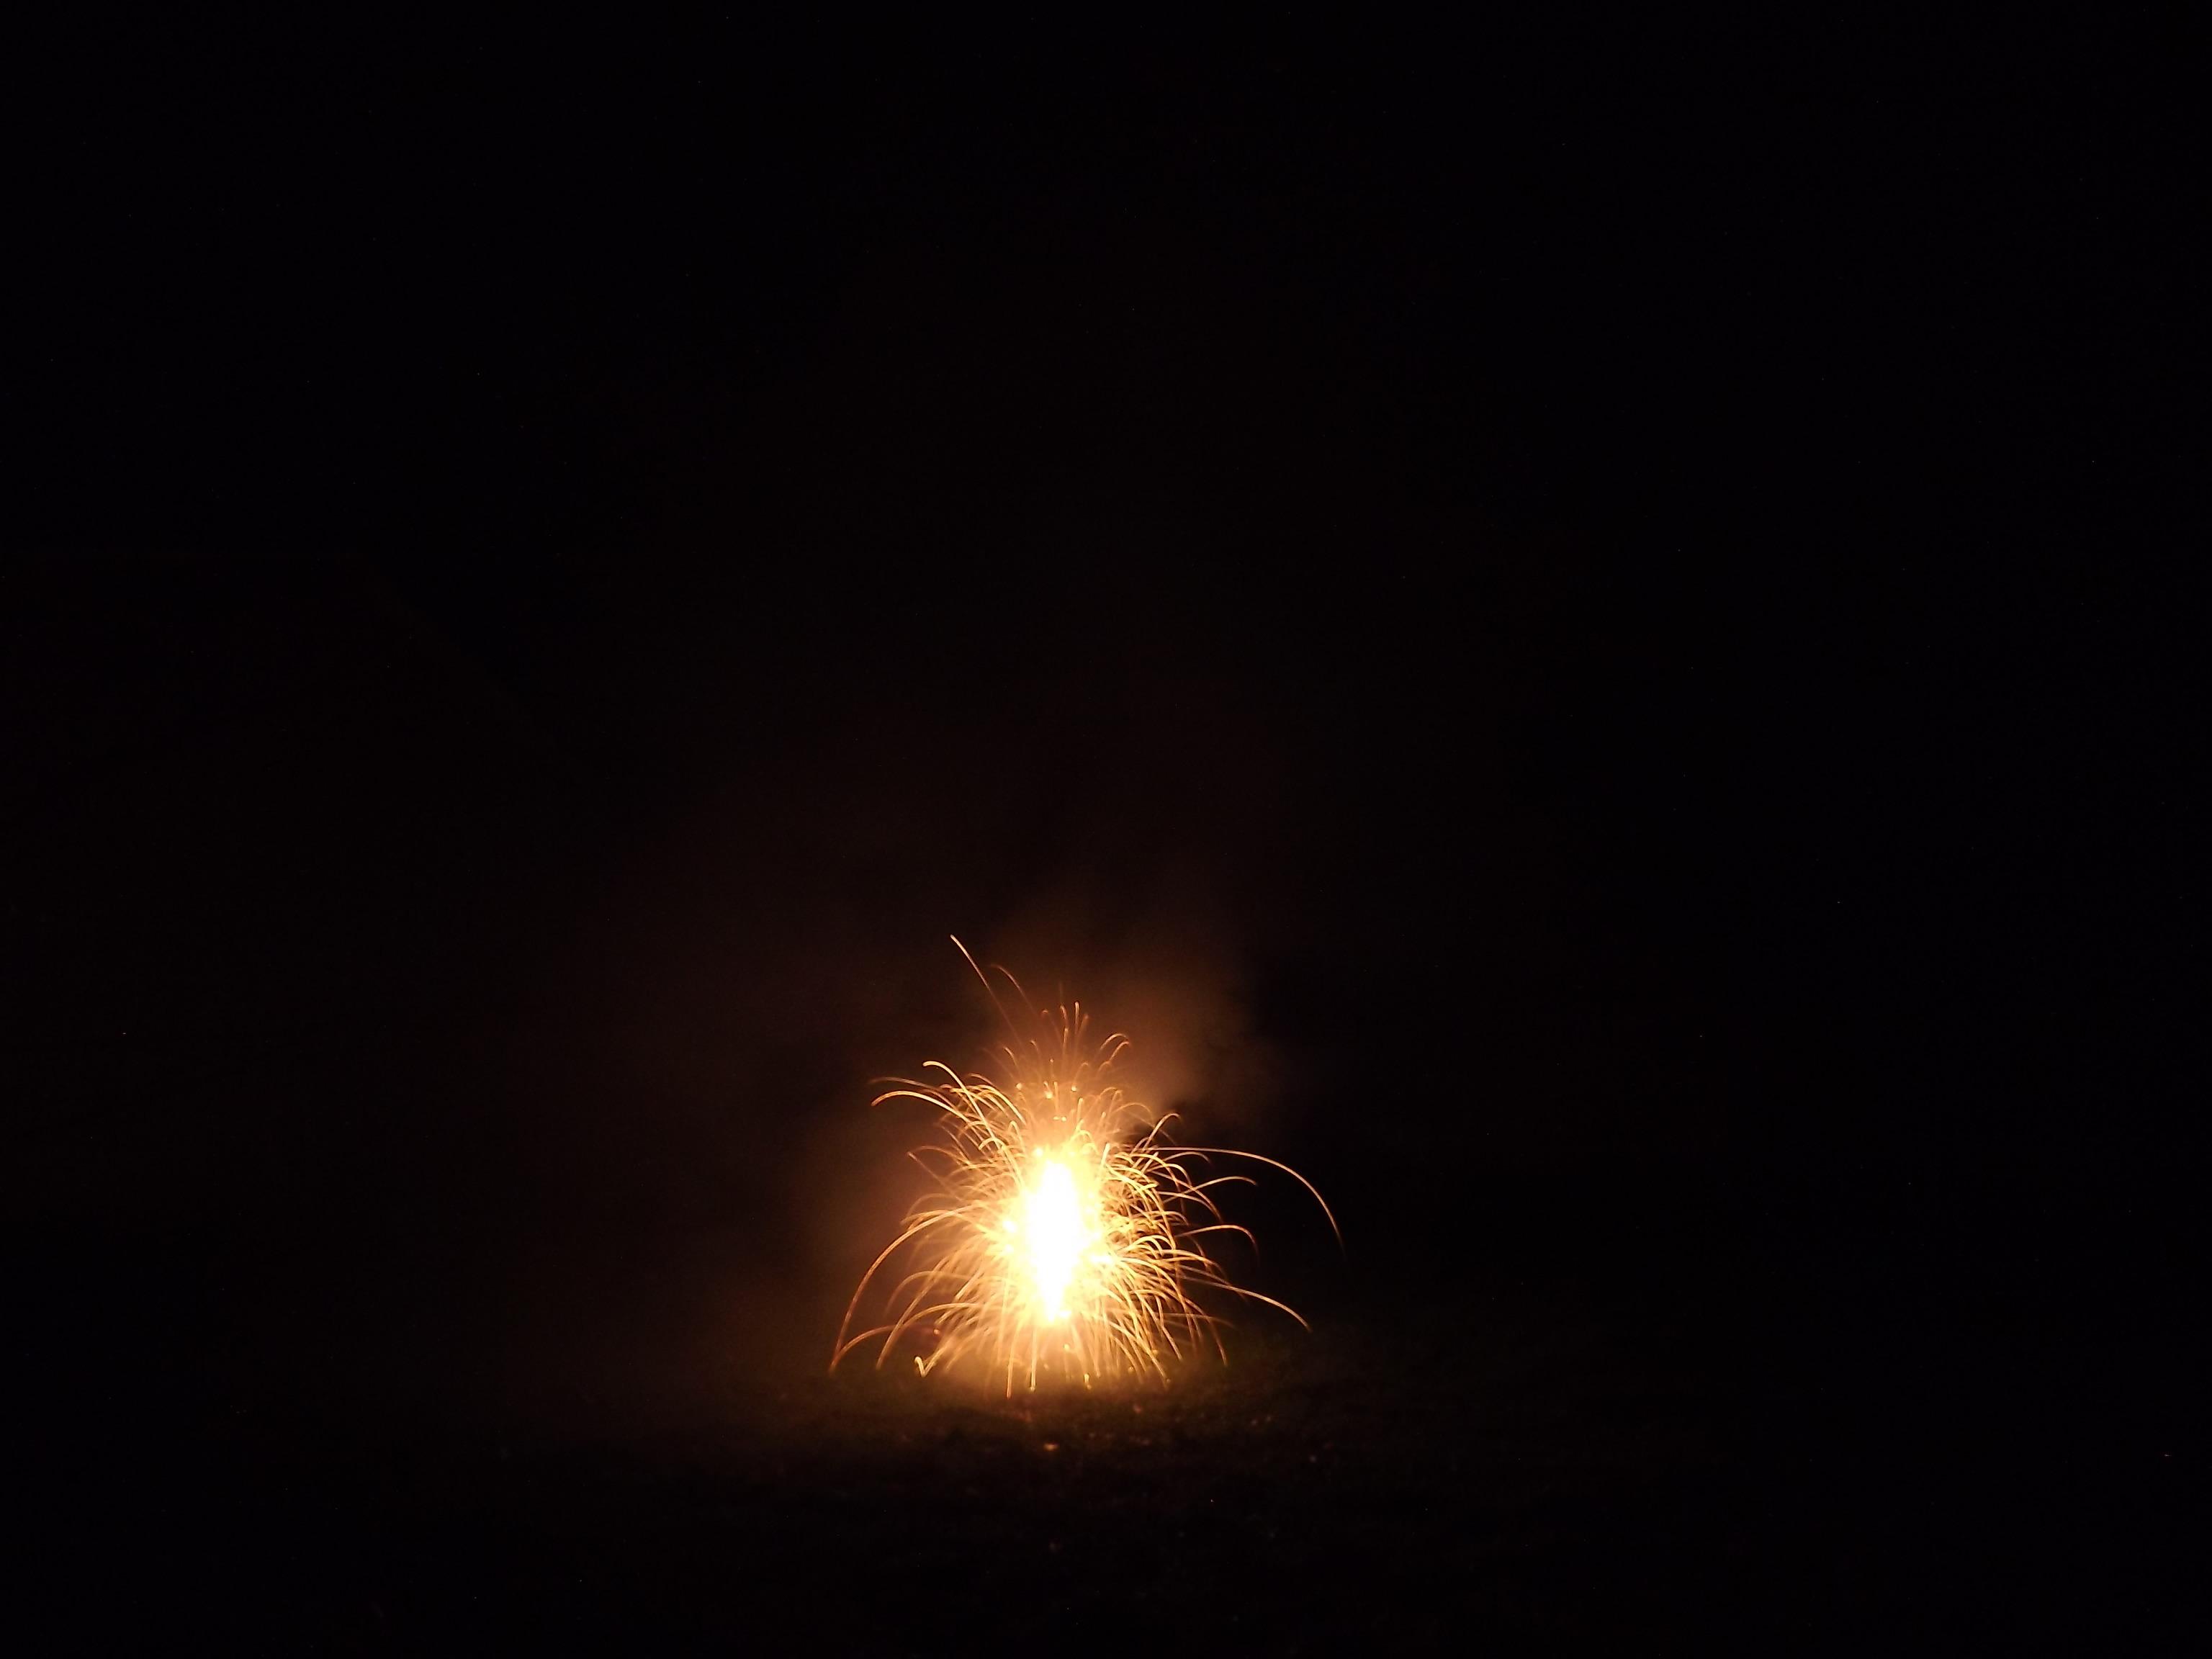 6759--feuerwerk-silvester-neujahr-feuer-orange